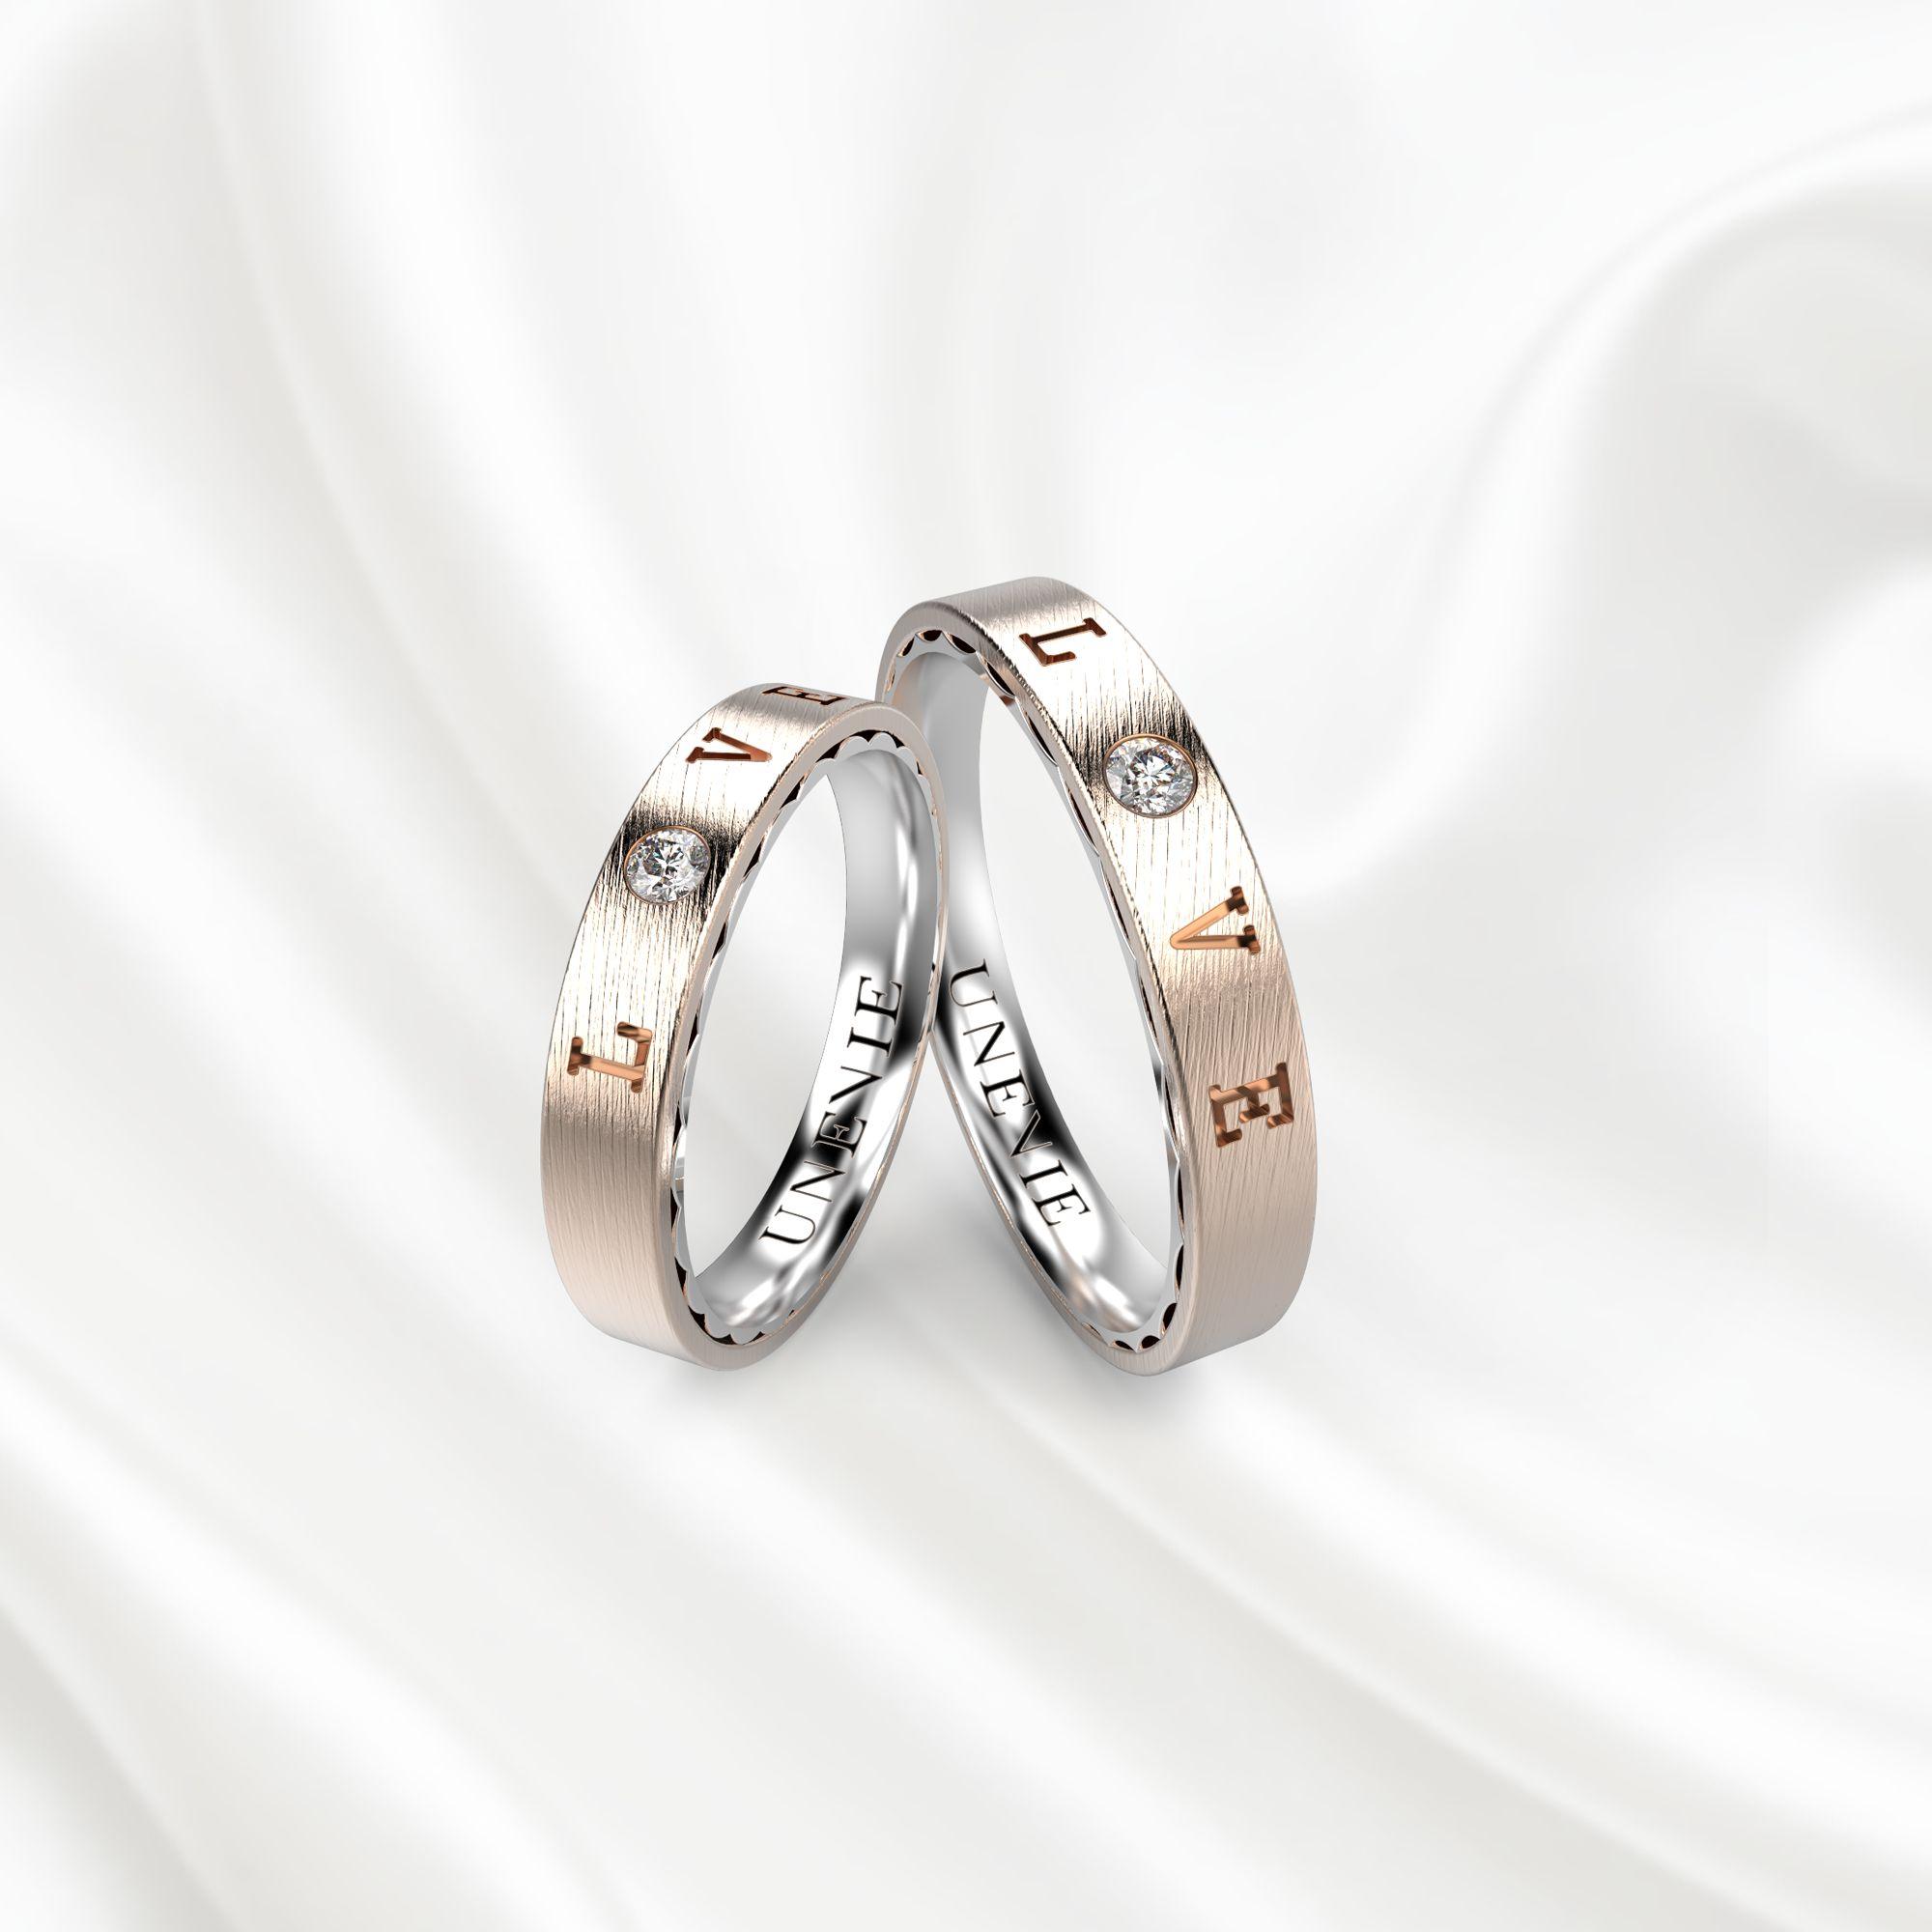 NV18 Обручальные кольца из розово-белого золота